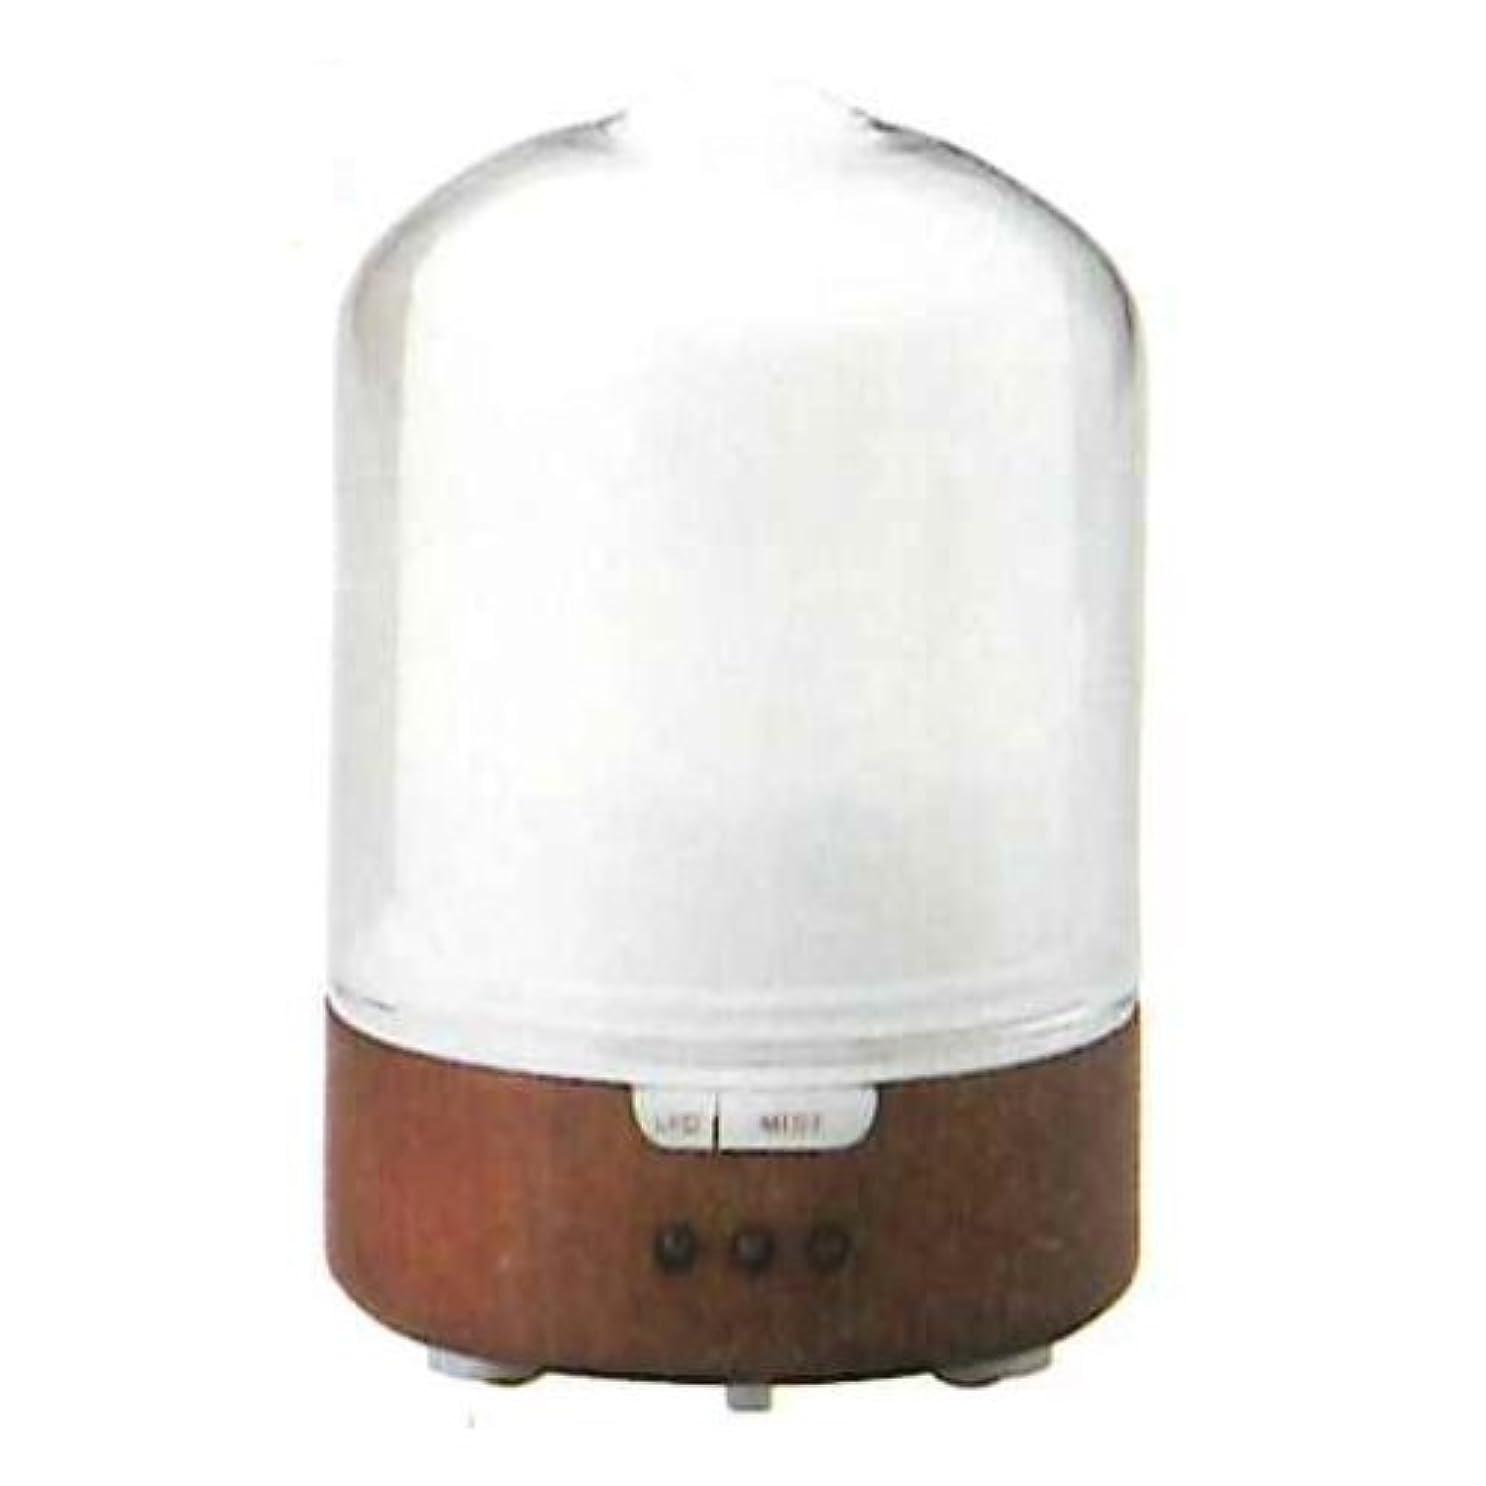 ソブリケット排気調整ラドンナ アロマディフューザー トモリ ブラウン?ADF04-TMR-BR